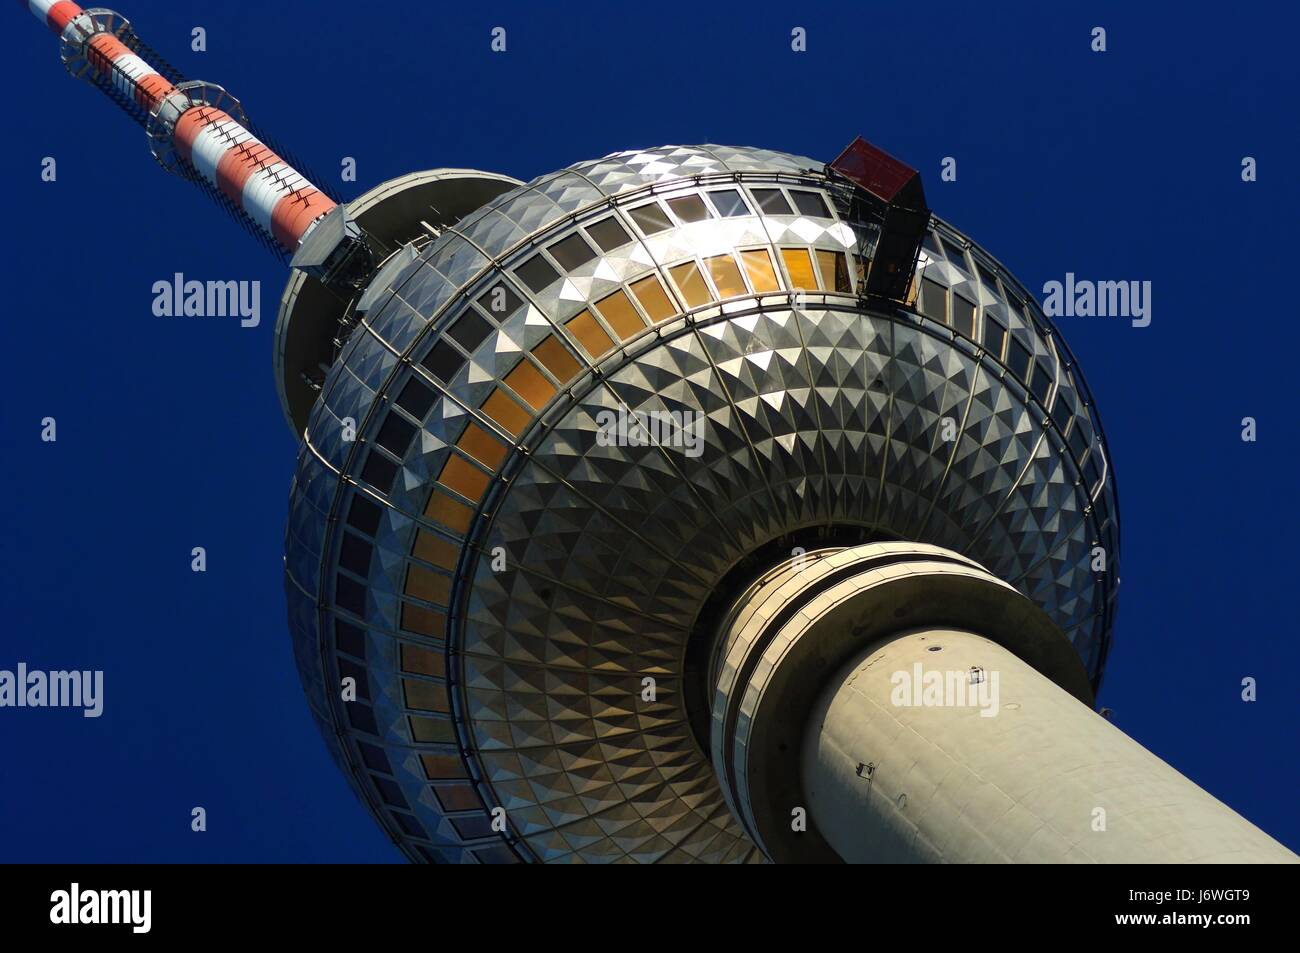 Berliner Fernsehturm Mit Fensterputzer Stockfoto Bild 141932905